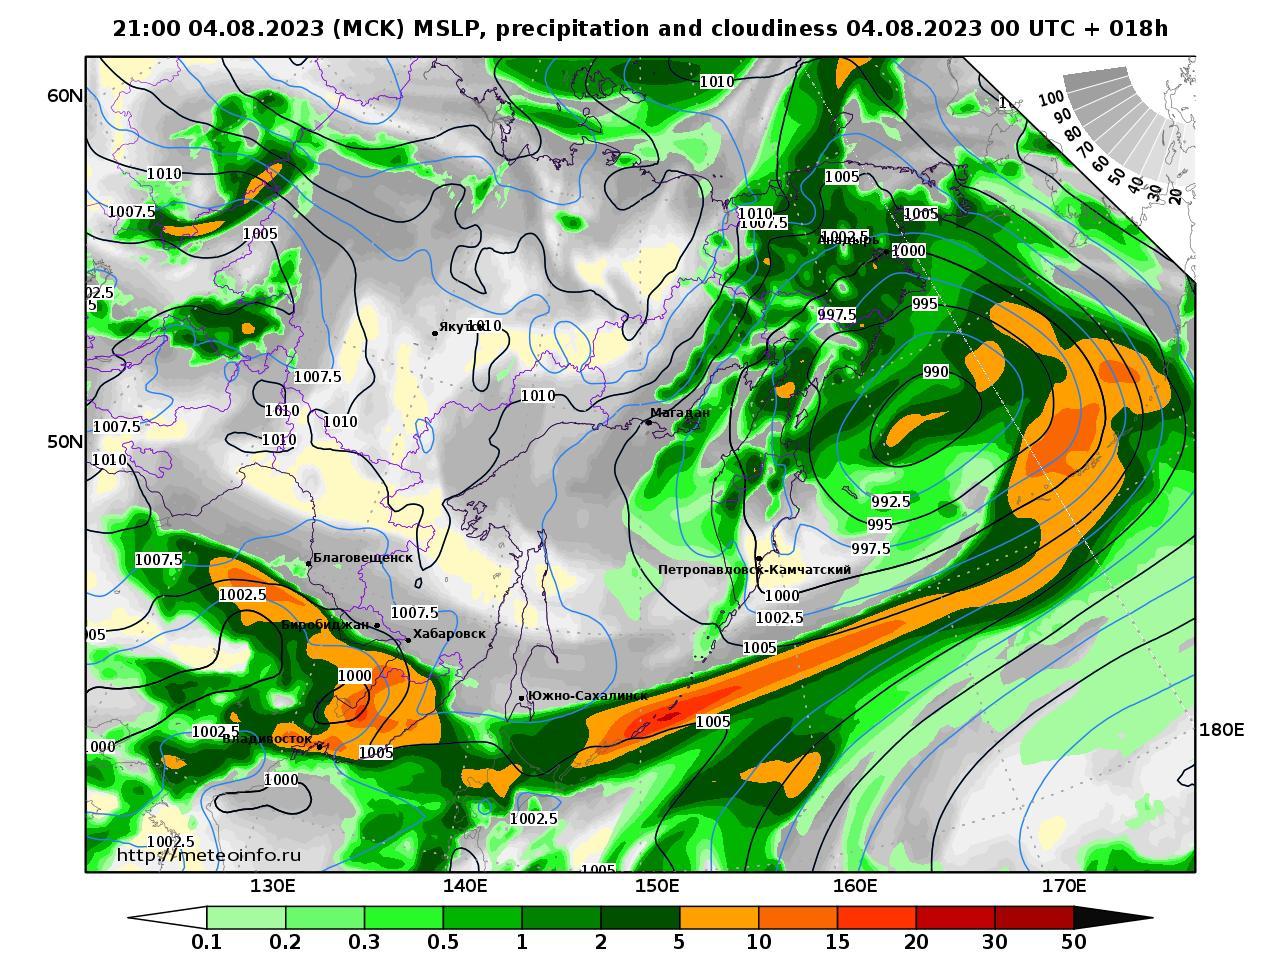 Дальний Восток, прогностическая карта осадки и давление, заблаговременность прогноза 18 часов